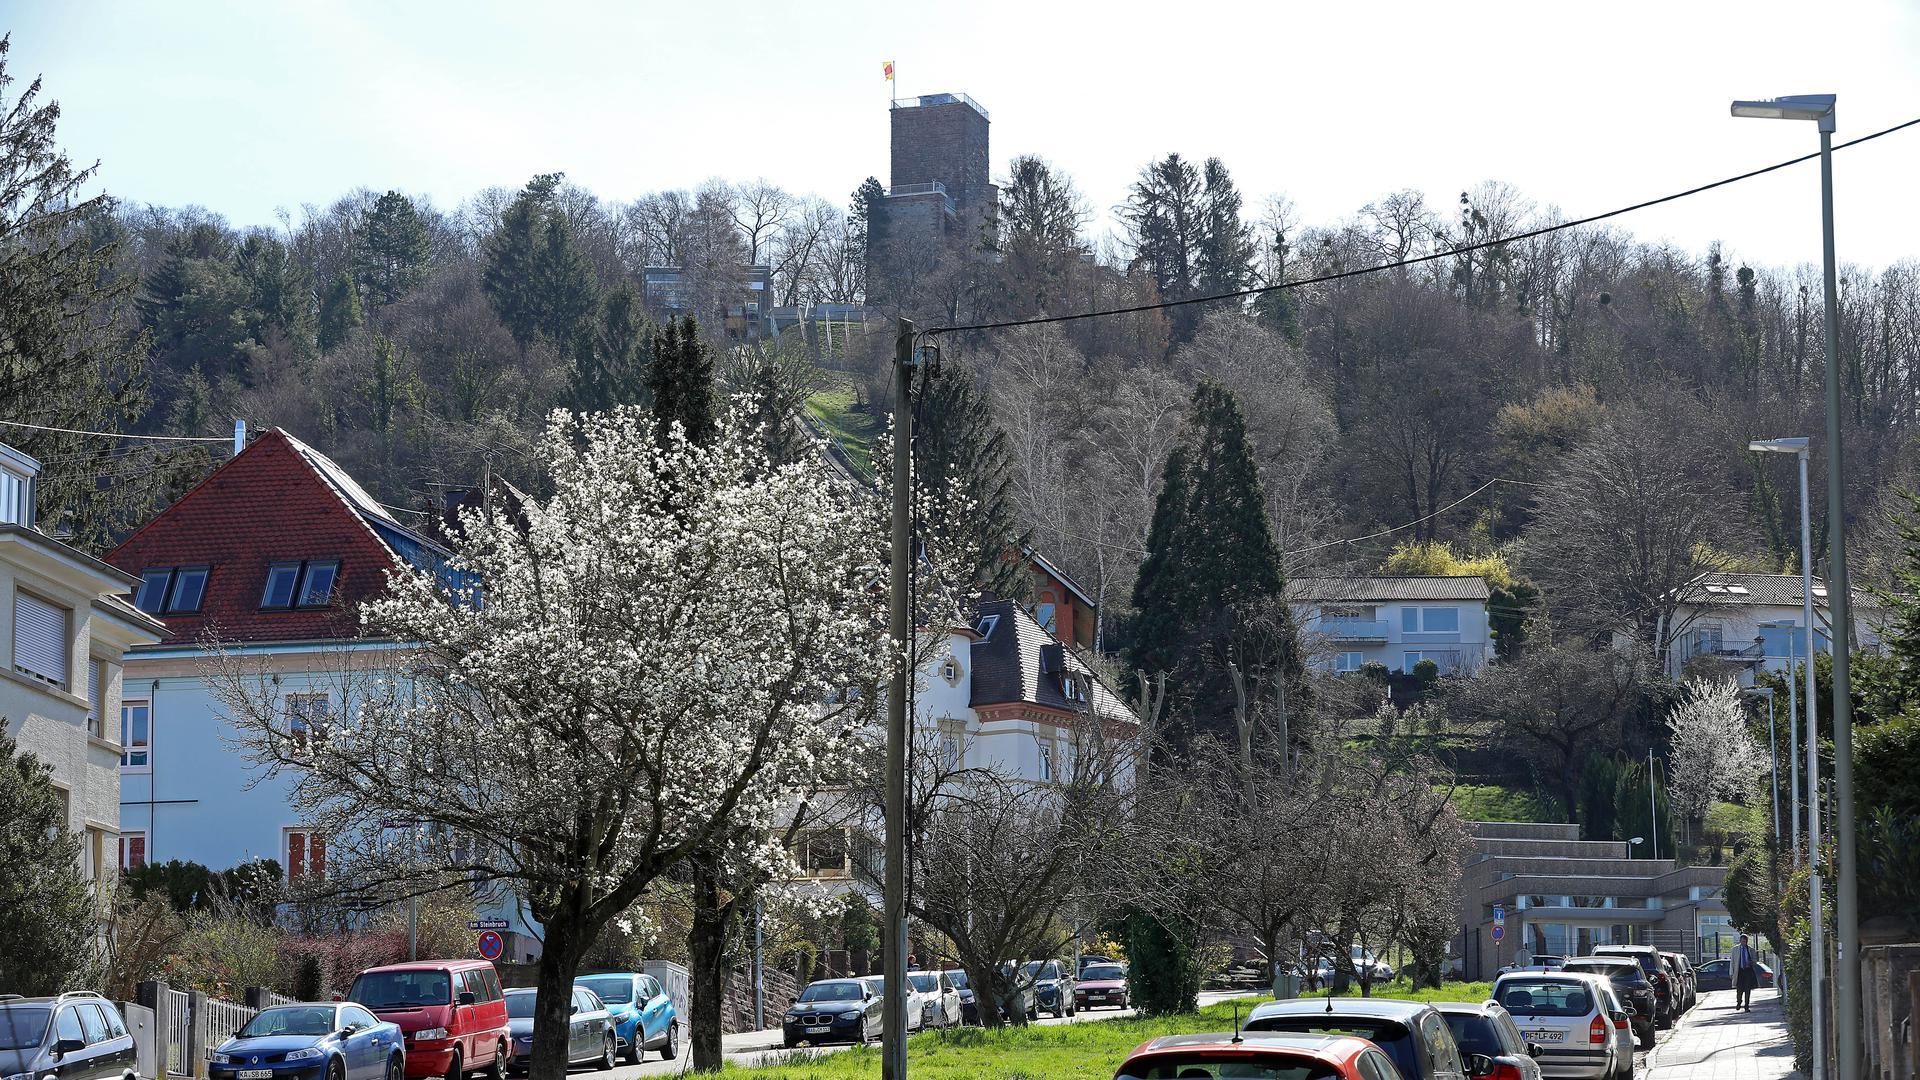 29.03.2021 Bergbahnstraße in Durlach mit beginnender Magnolienblüte. Geplant ist, dass dort ab 2024 die Verlängerung der Turmbergbahn bis zum Hangfuß verläuft.